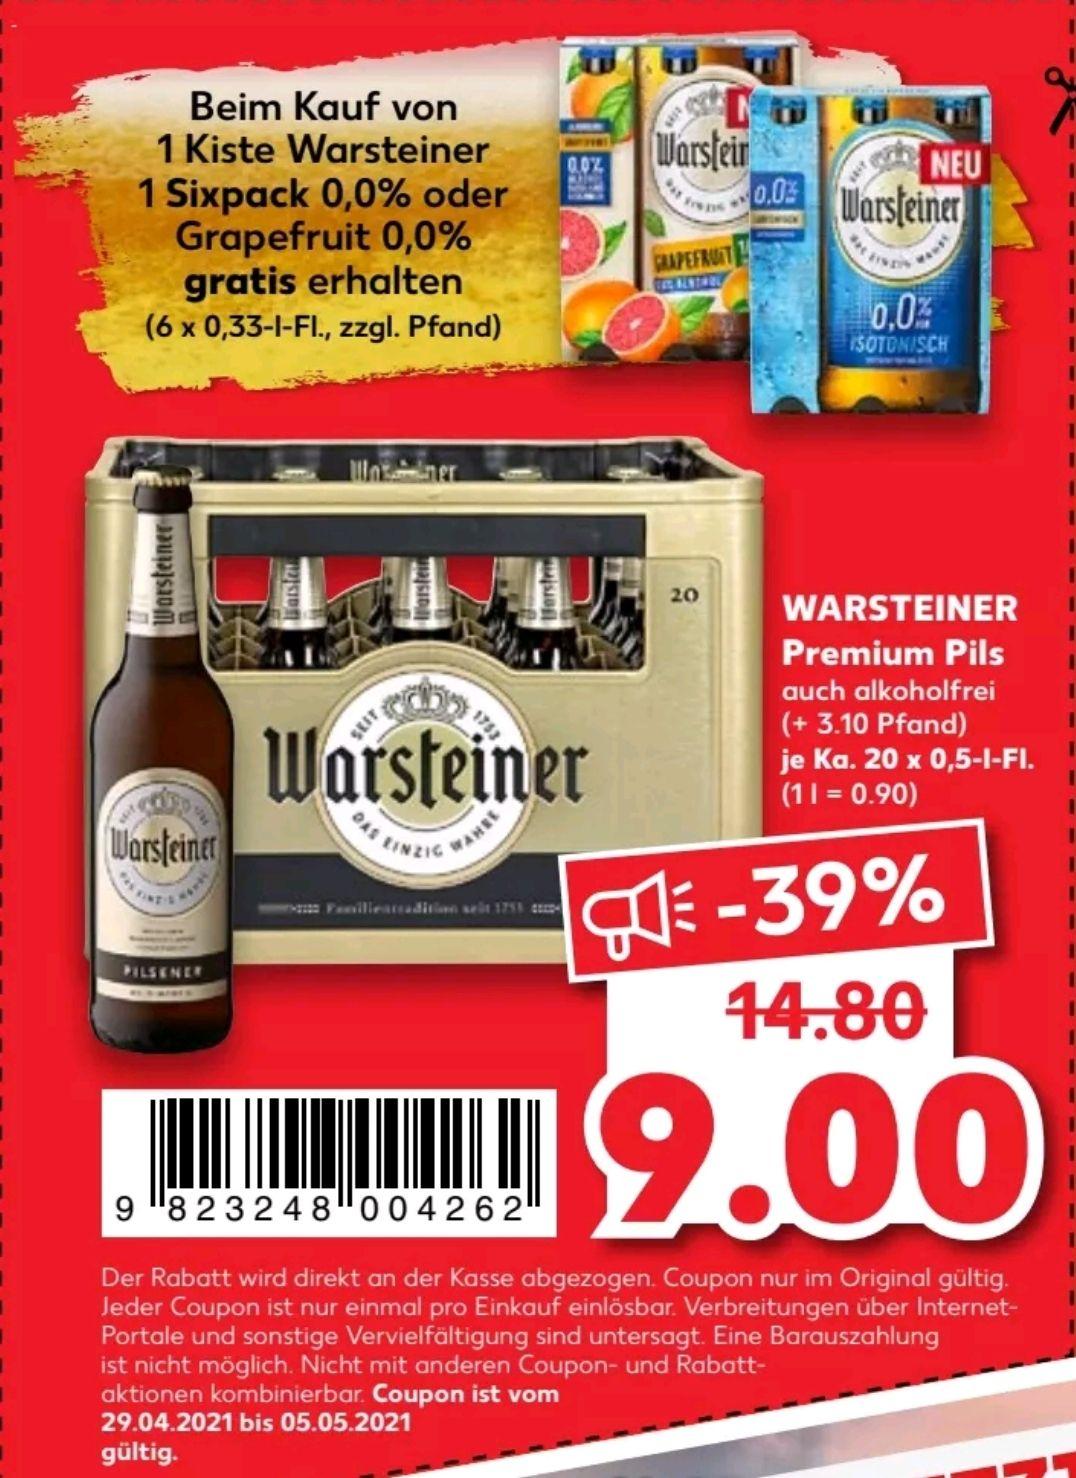 (Kaufland) Kauf 1 Kiste WARSTEINER Premium Pils, Gratis 6er Pack WARSTEINER 0,0%/0,0% Grapefruit (zzgl. Pfand)